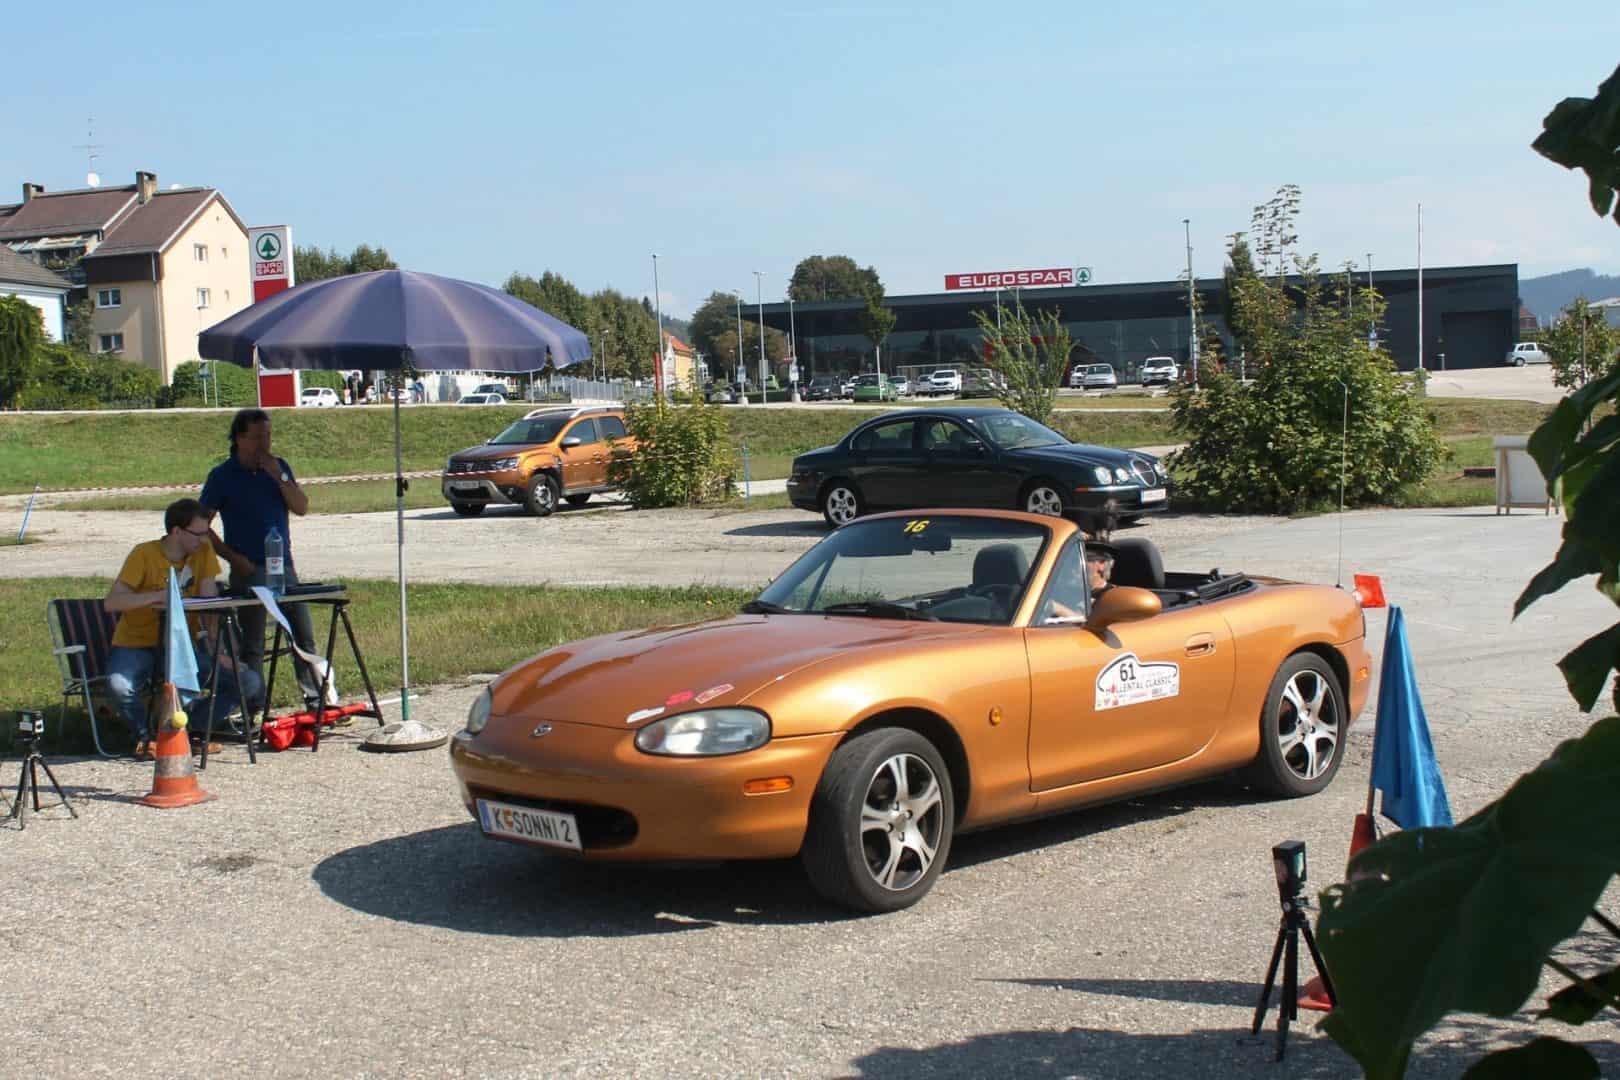 Ausflug des CAR Teams Ferlach am 12. September 2020 mit Gleichmäßigkeitsprüfung anstelle des abgesagten sms-Classic-Sprints - Sonnleitner Mazda MX5